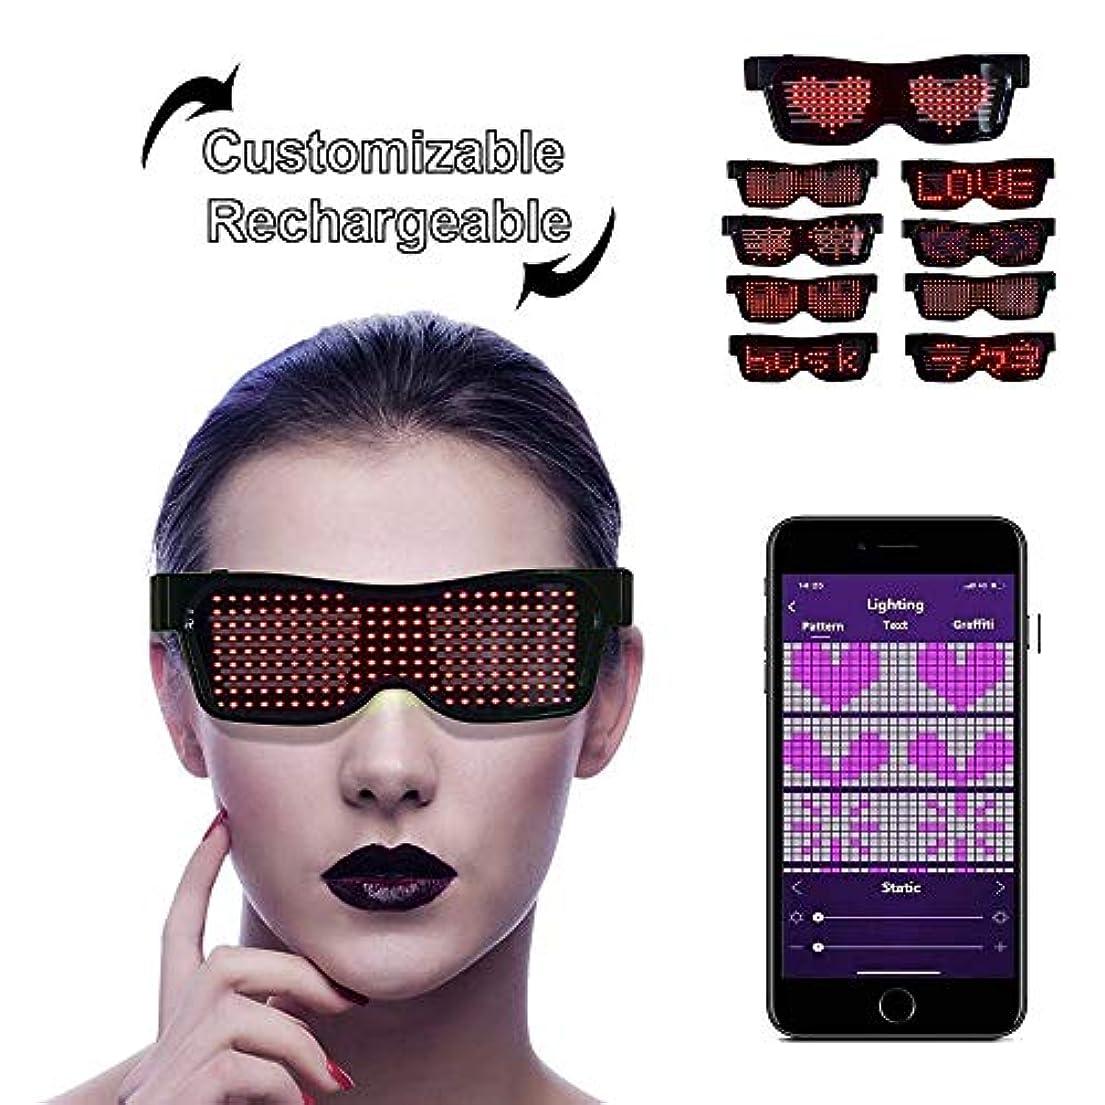 自分のために白鳥報復LEDサングラス, LEDメガネ ブルートゥースLEDパーティーメガネカスタマイズ可能なLEDメガネUSB充電式9モードワイヤレス点滅LEDディスプレイ、フェスティバル用グロー眼鏡レイヴパーティー